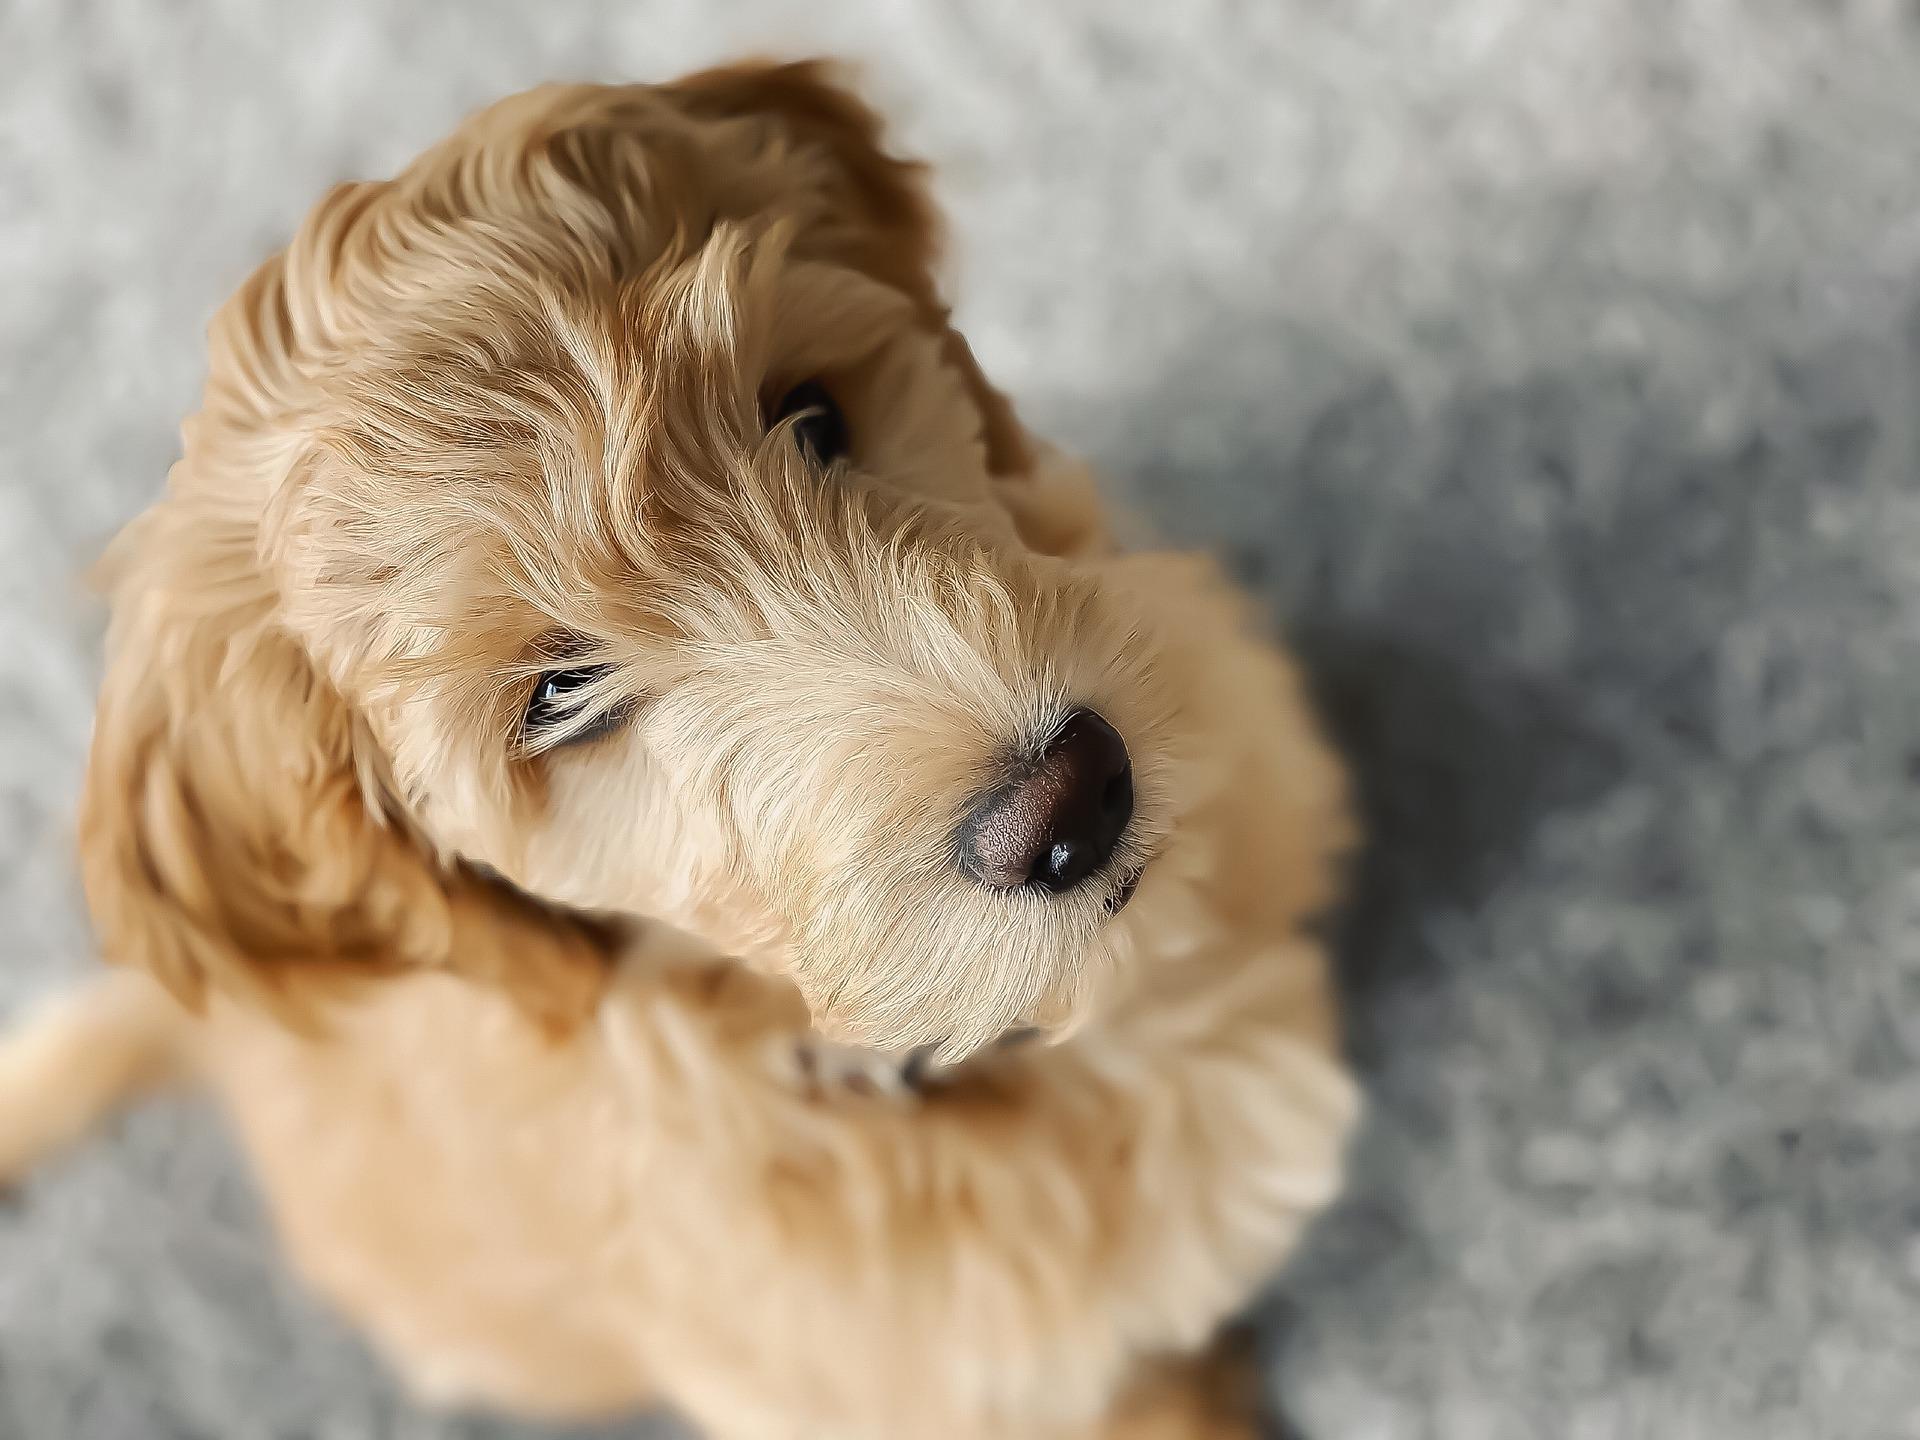 Pyszczek goldendoodle przypomina misia, czarny nos i oczy na tle kręconej sierści. Słodki wygląd Goldendoodle jest jego zaletą i jednocześnie sprawia dużo kłopotów - należy pamiętać, że to nadal jest pies i ma potrzeby typowe do gatunku - nie jest maskotką.